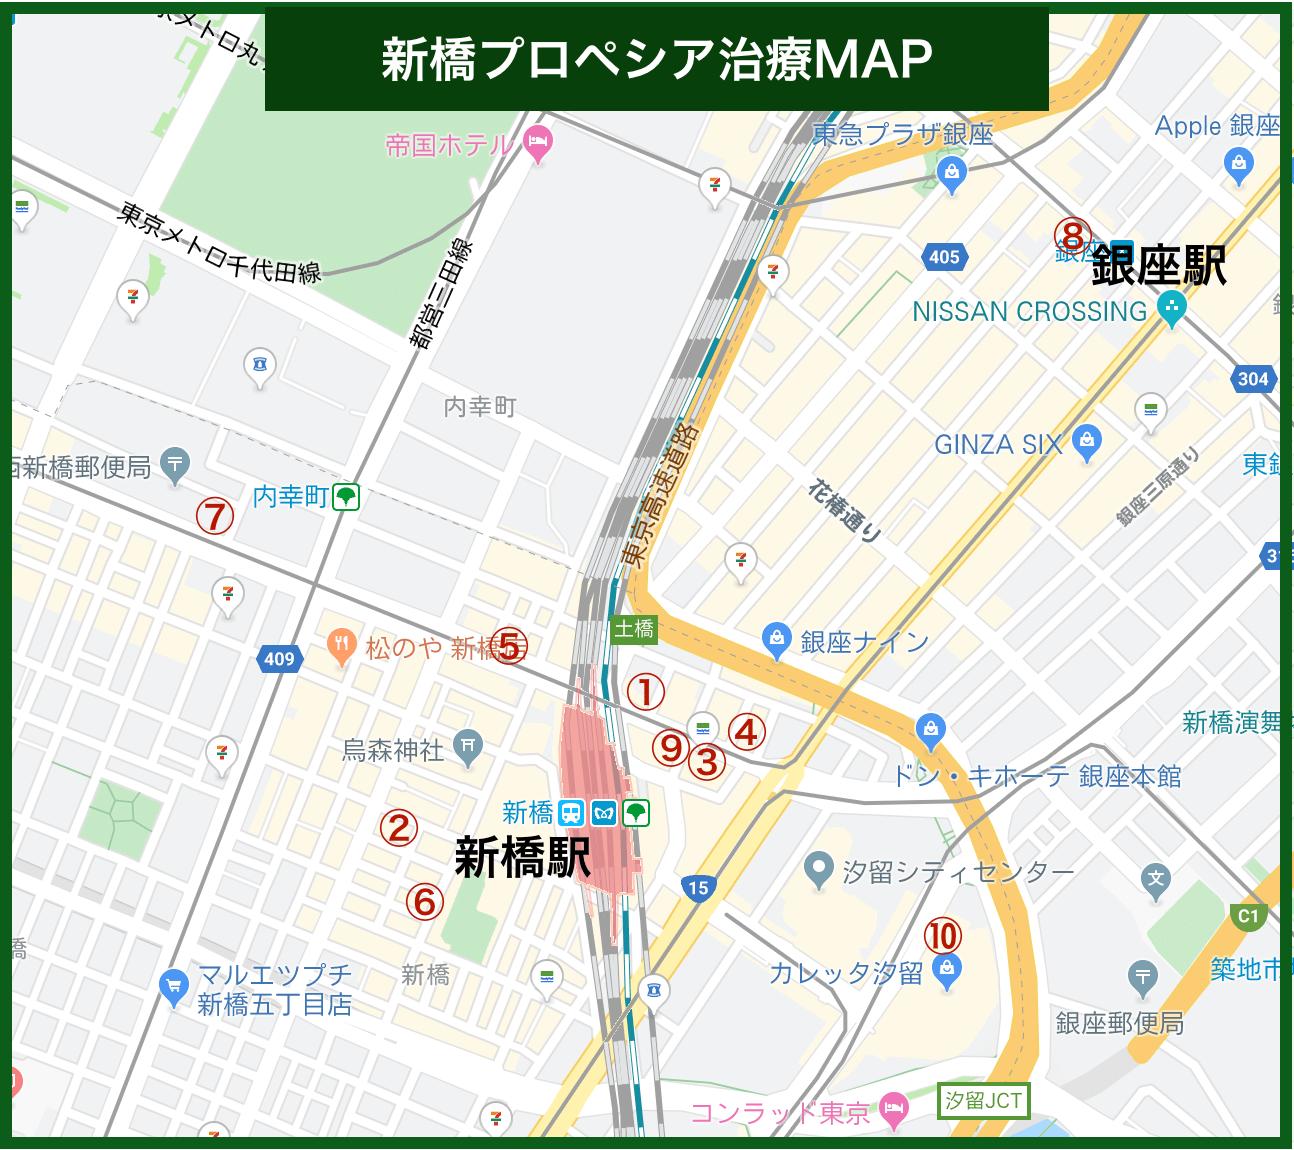 新橋プロペシア治療MAP(2019年12月版)